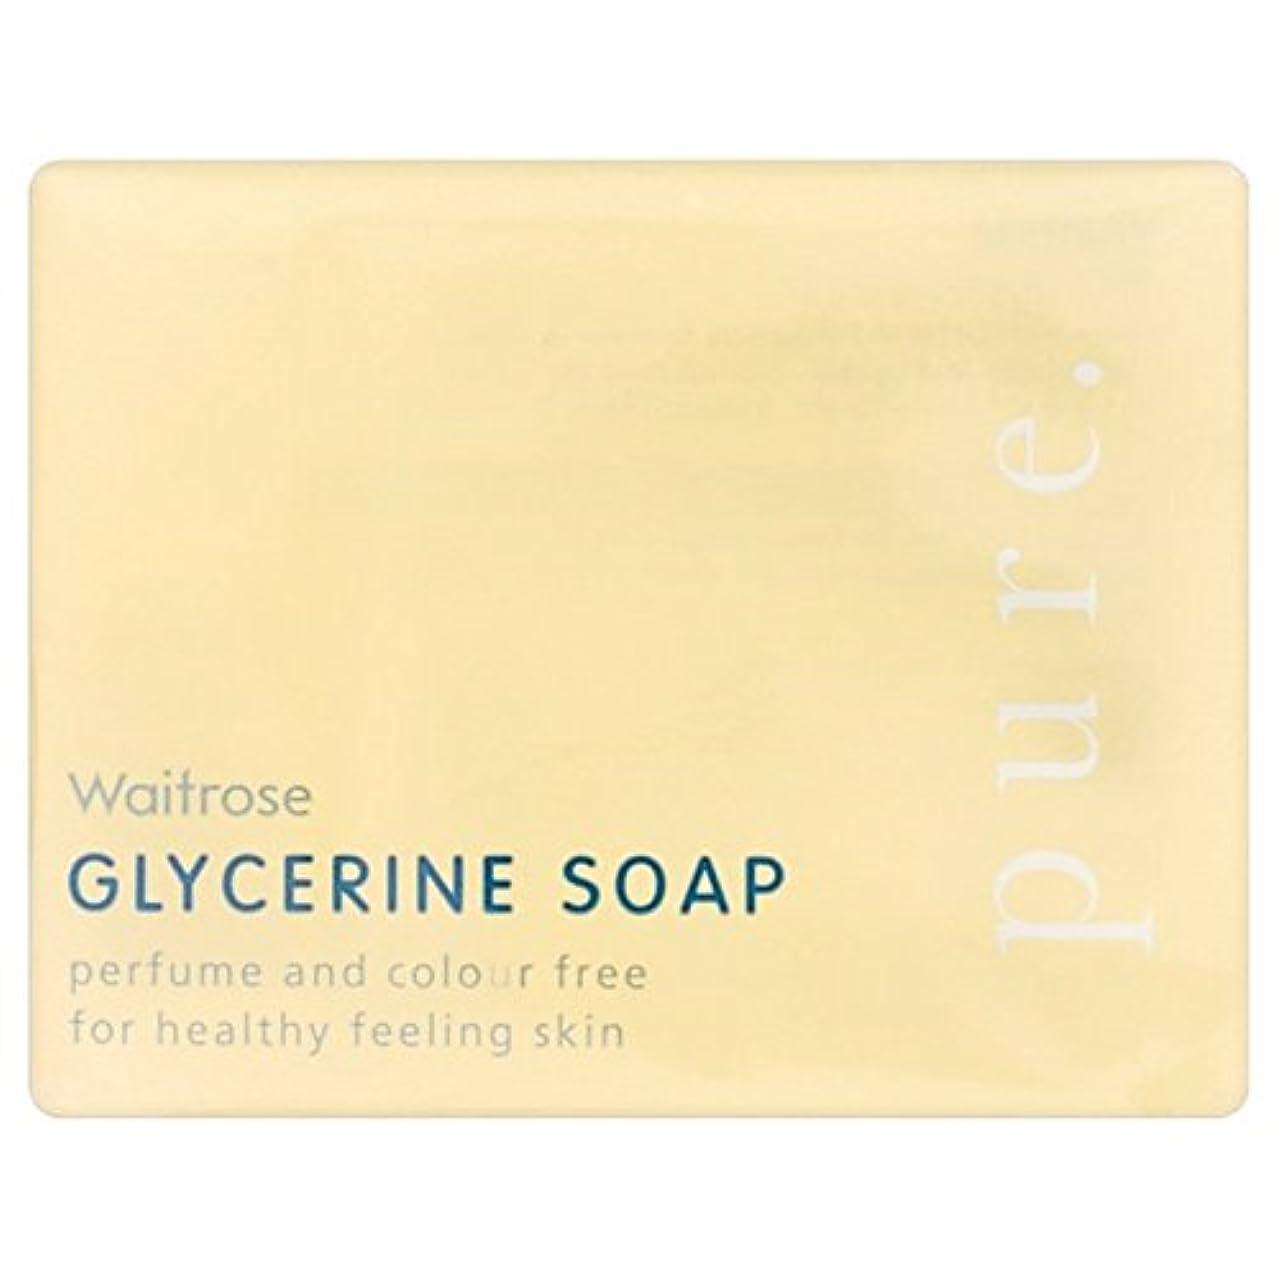 落ち着かない民族主義トマト純粋なグリセリンソープウェイトローズの100グラム x2 - Pure Glycerine Soap Waitrose 100g (Pack of 2) [並行輸入品]